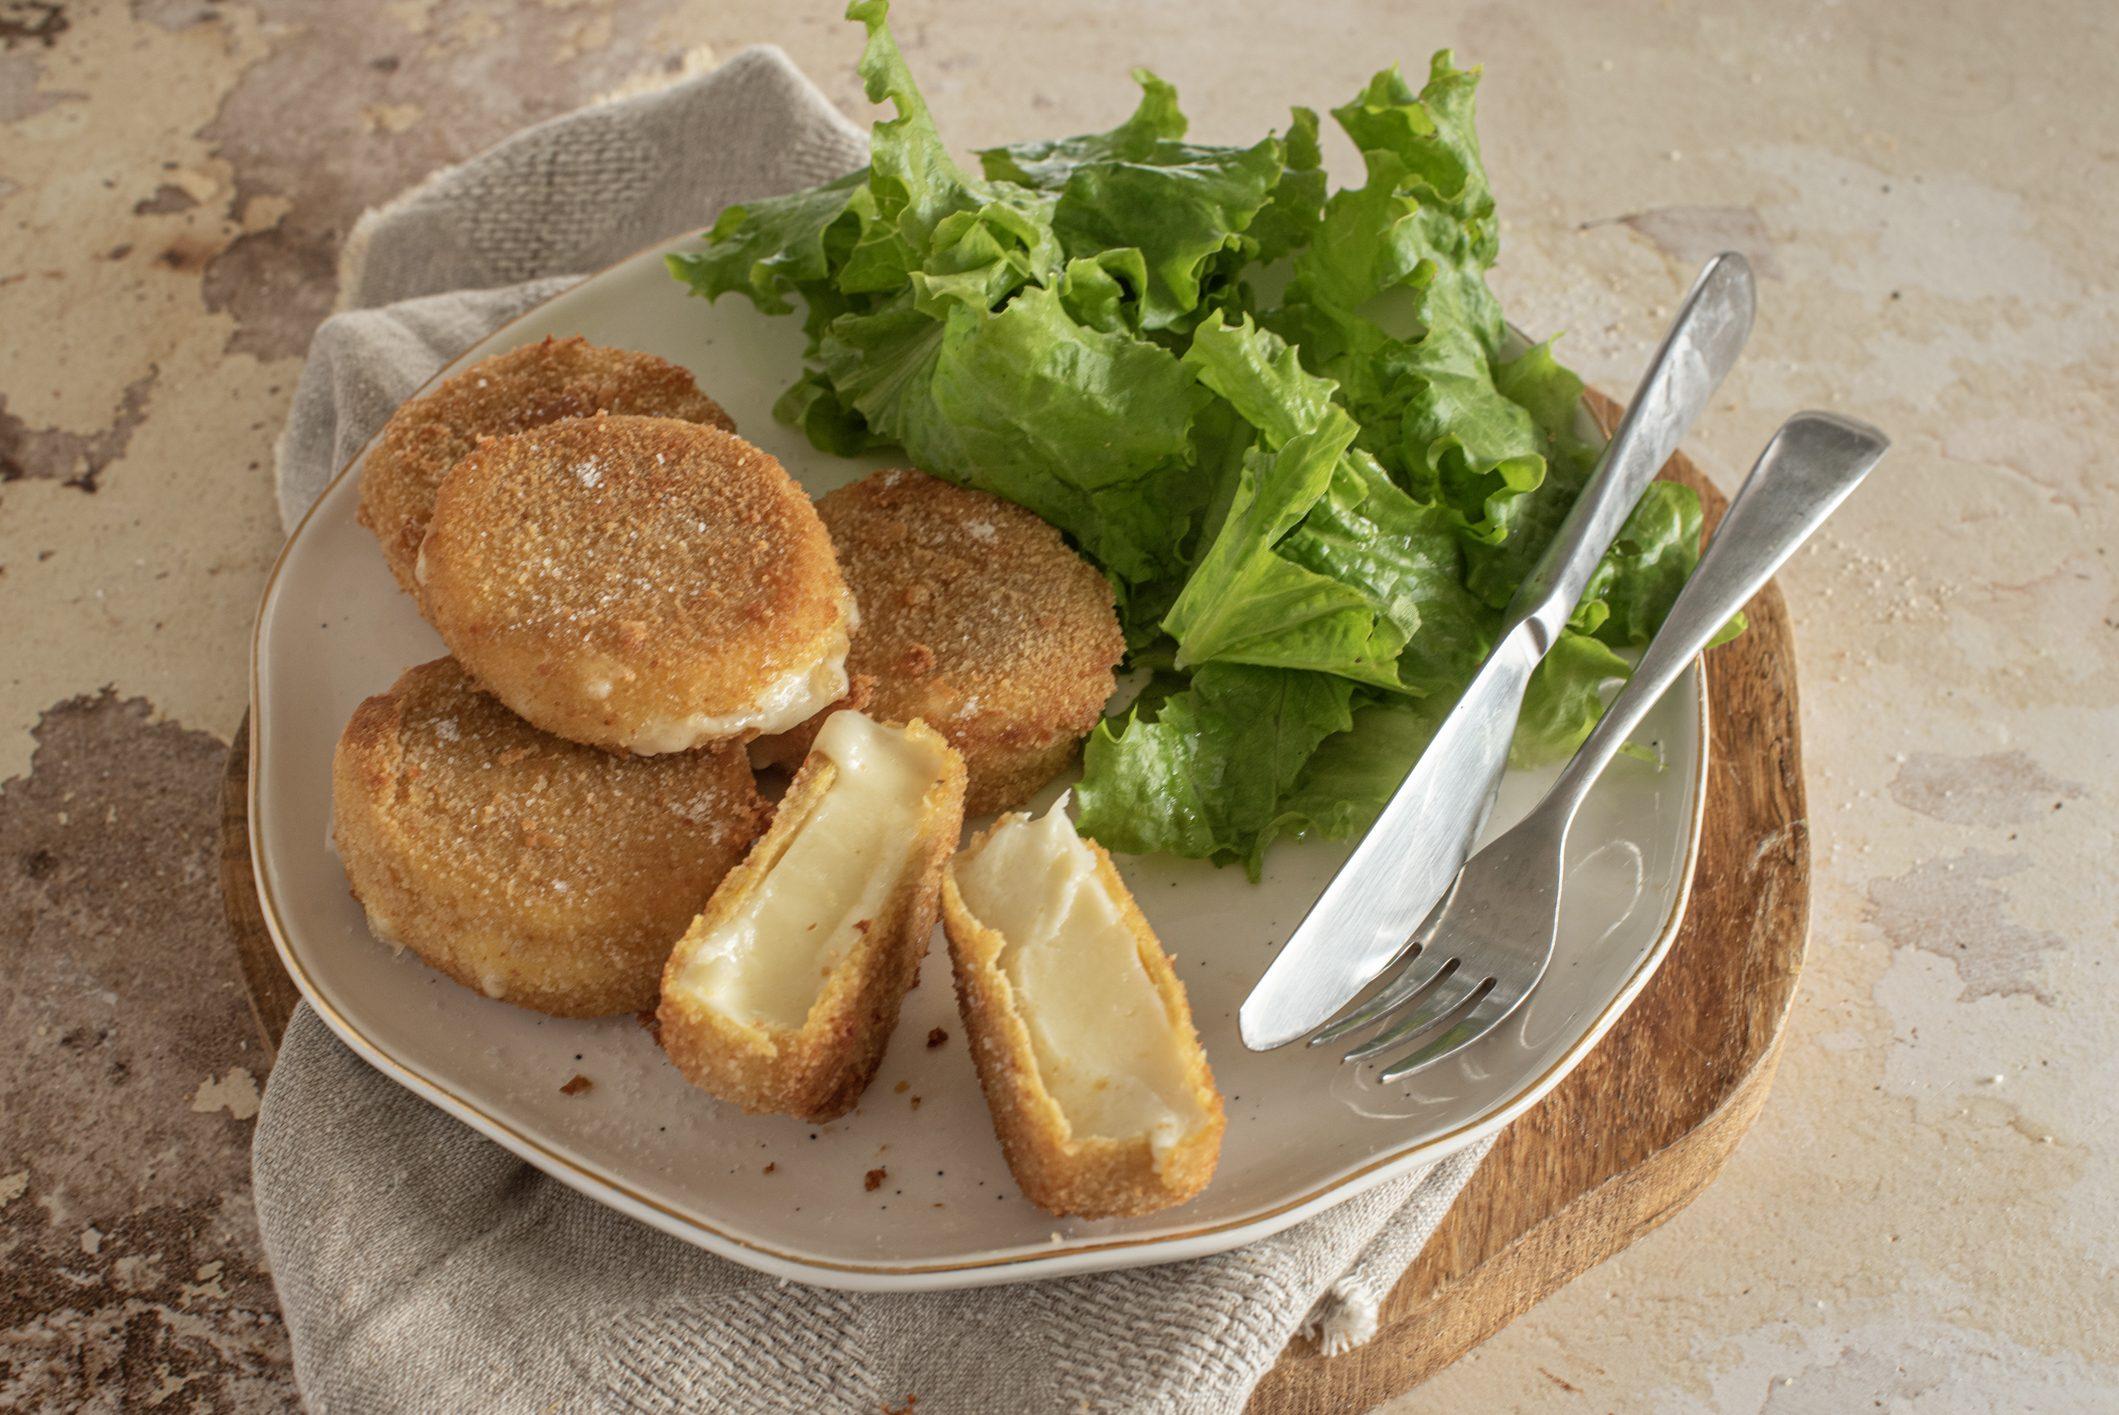 Medaglioni di formaggio fritto: la ricetta dell'antipasto goloso e filante